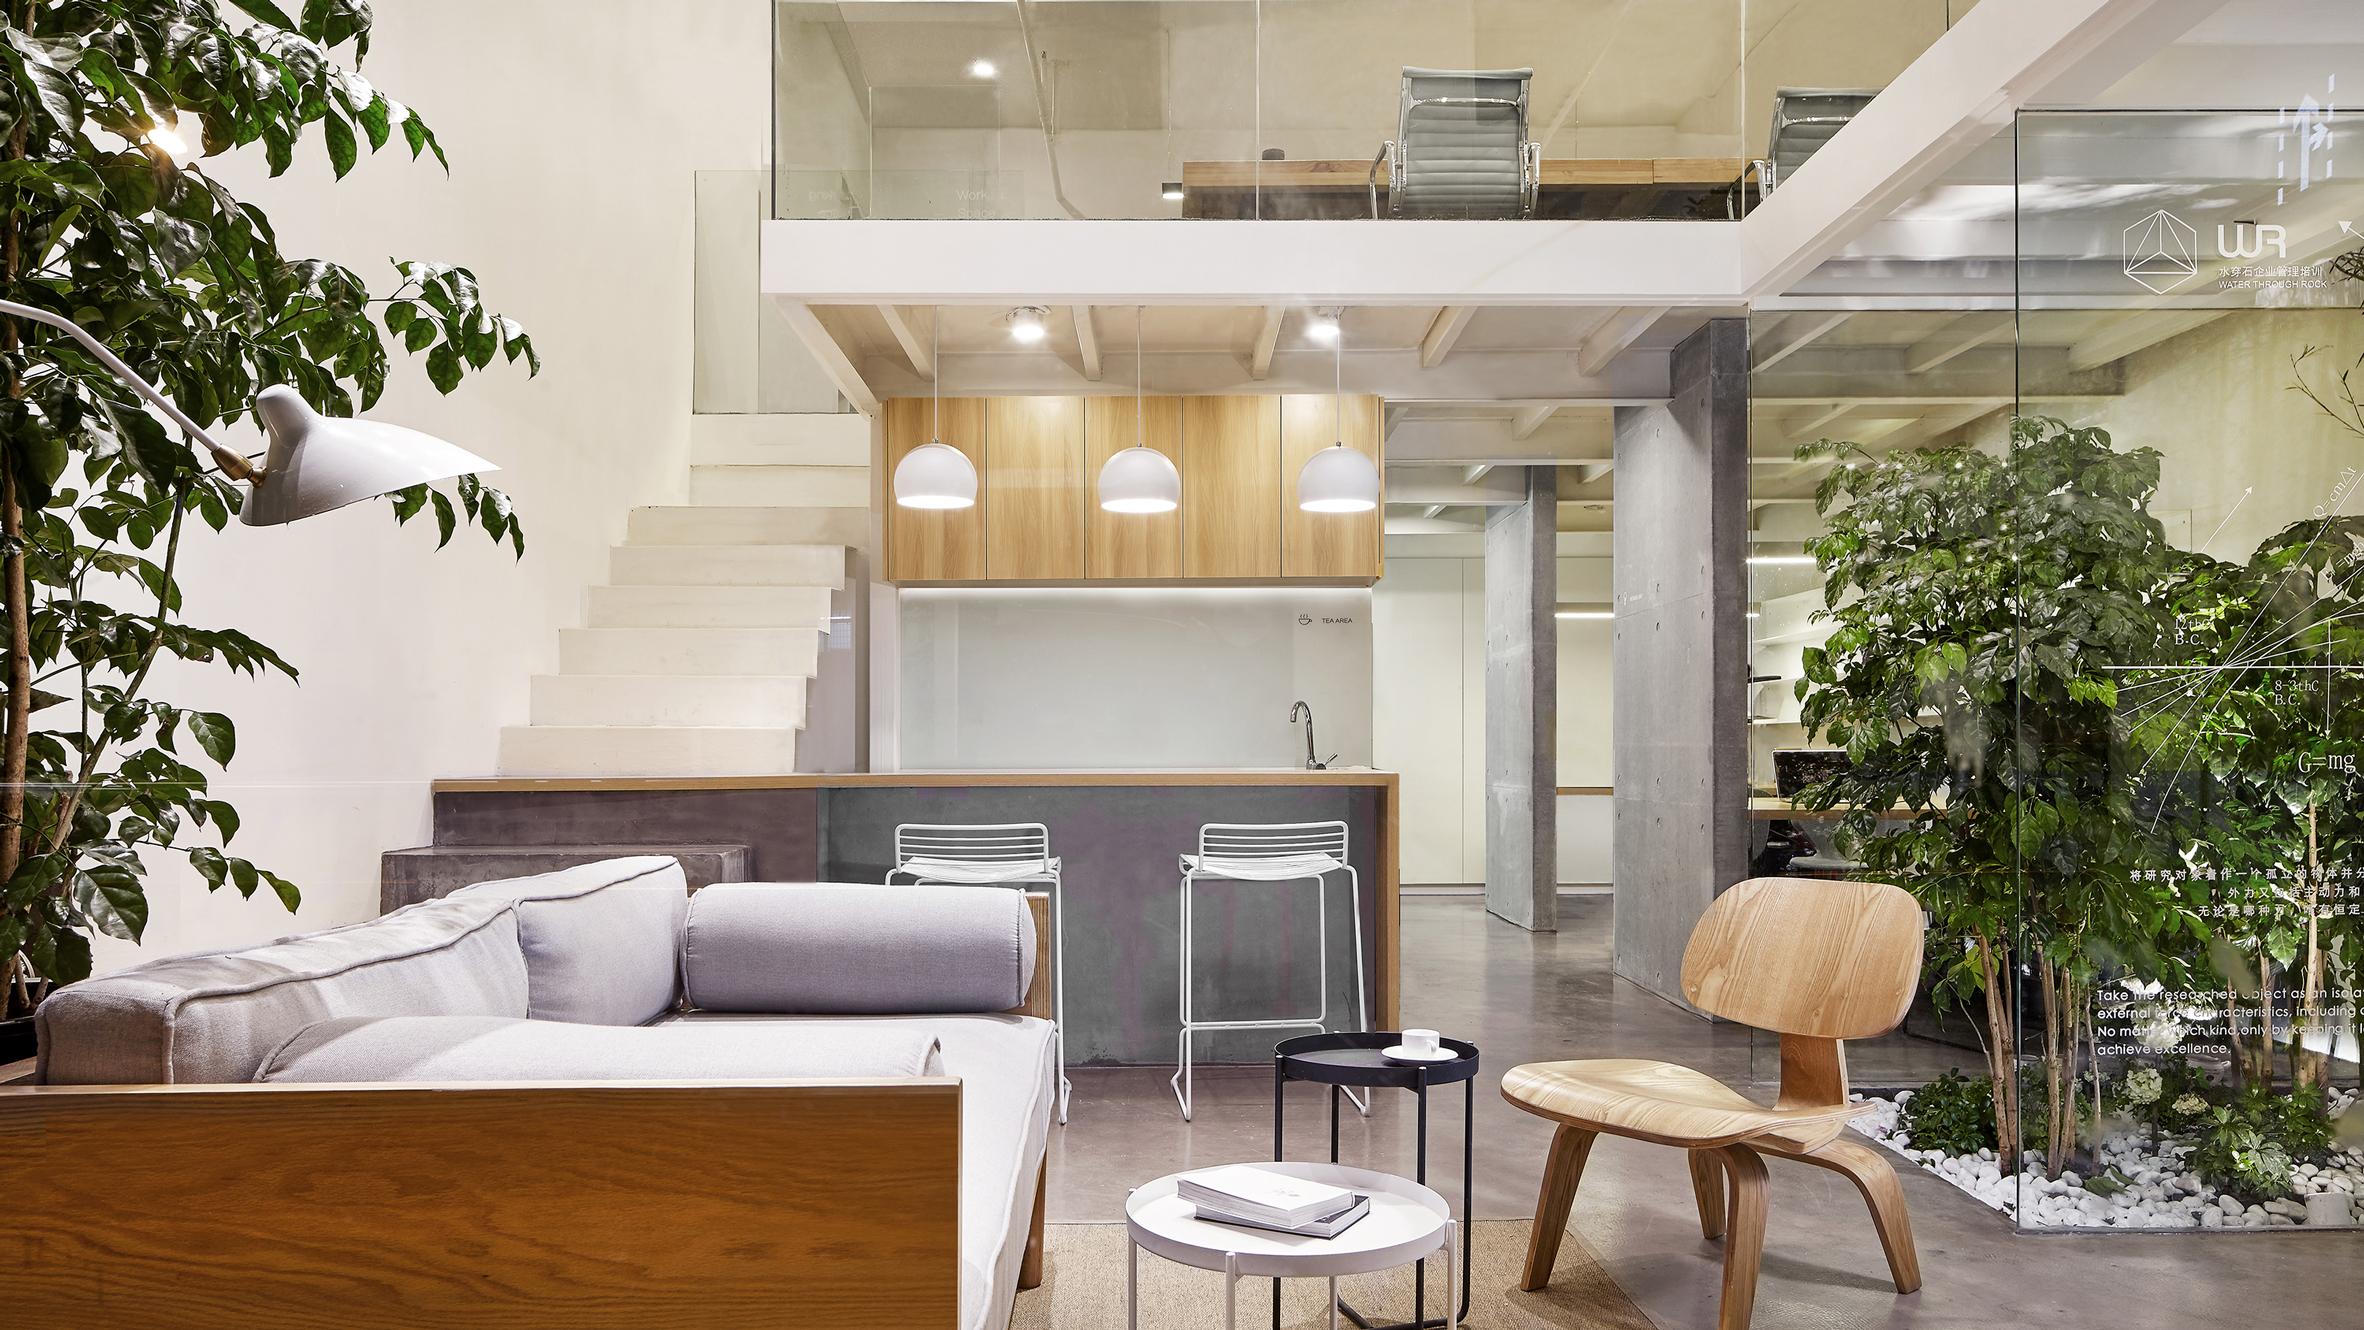 La filosofia dello spazio lavorativo accogliente come una for Interior design of office space